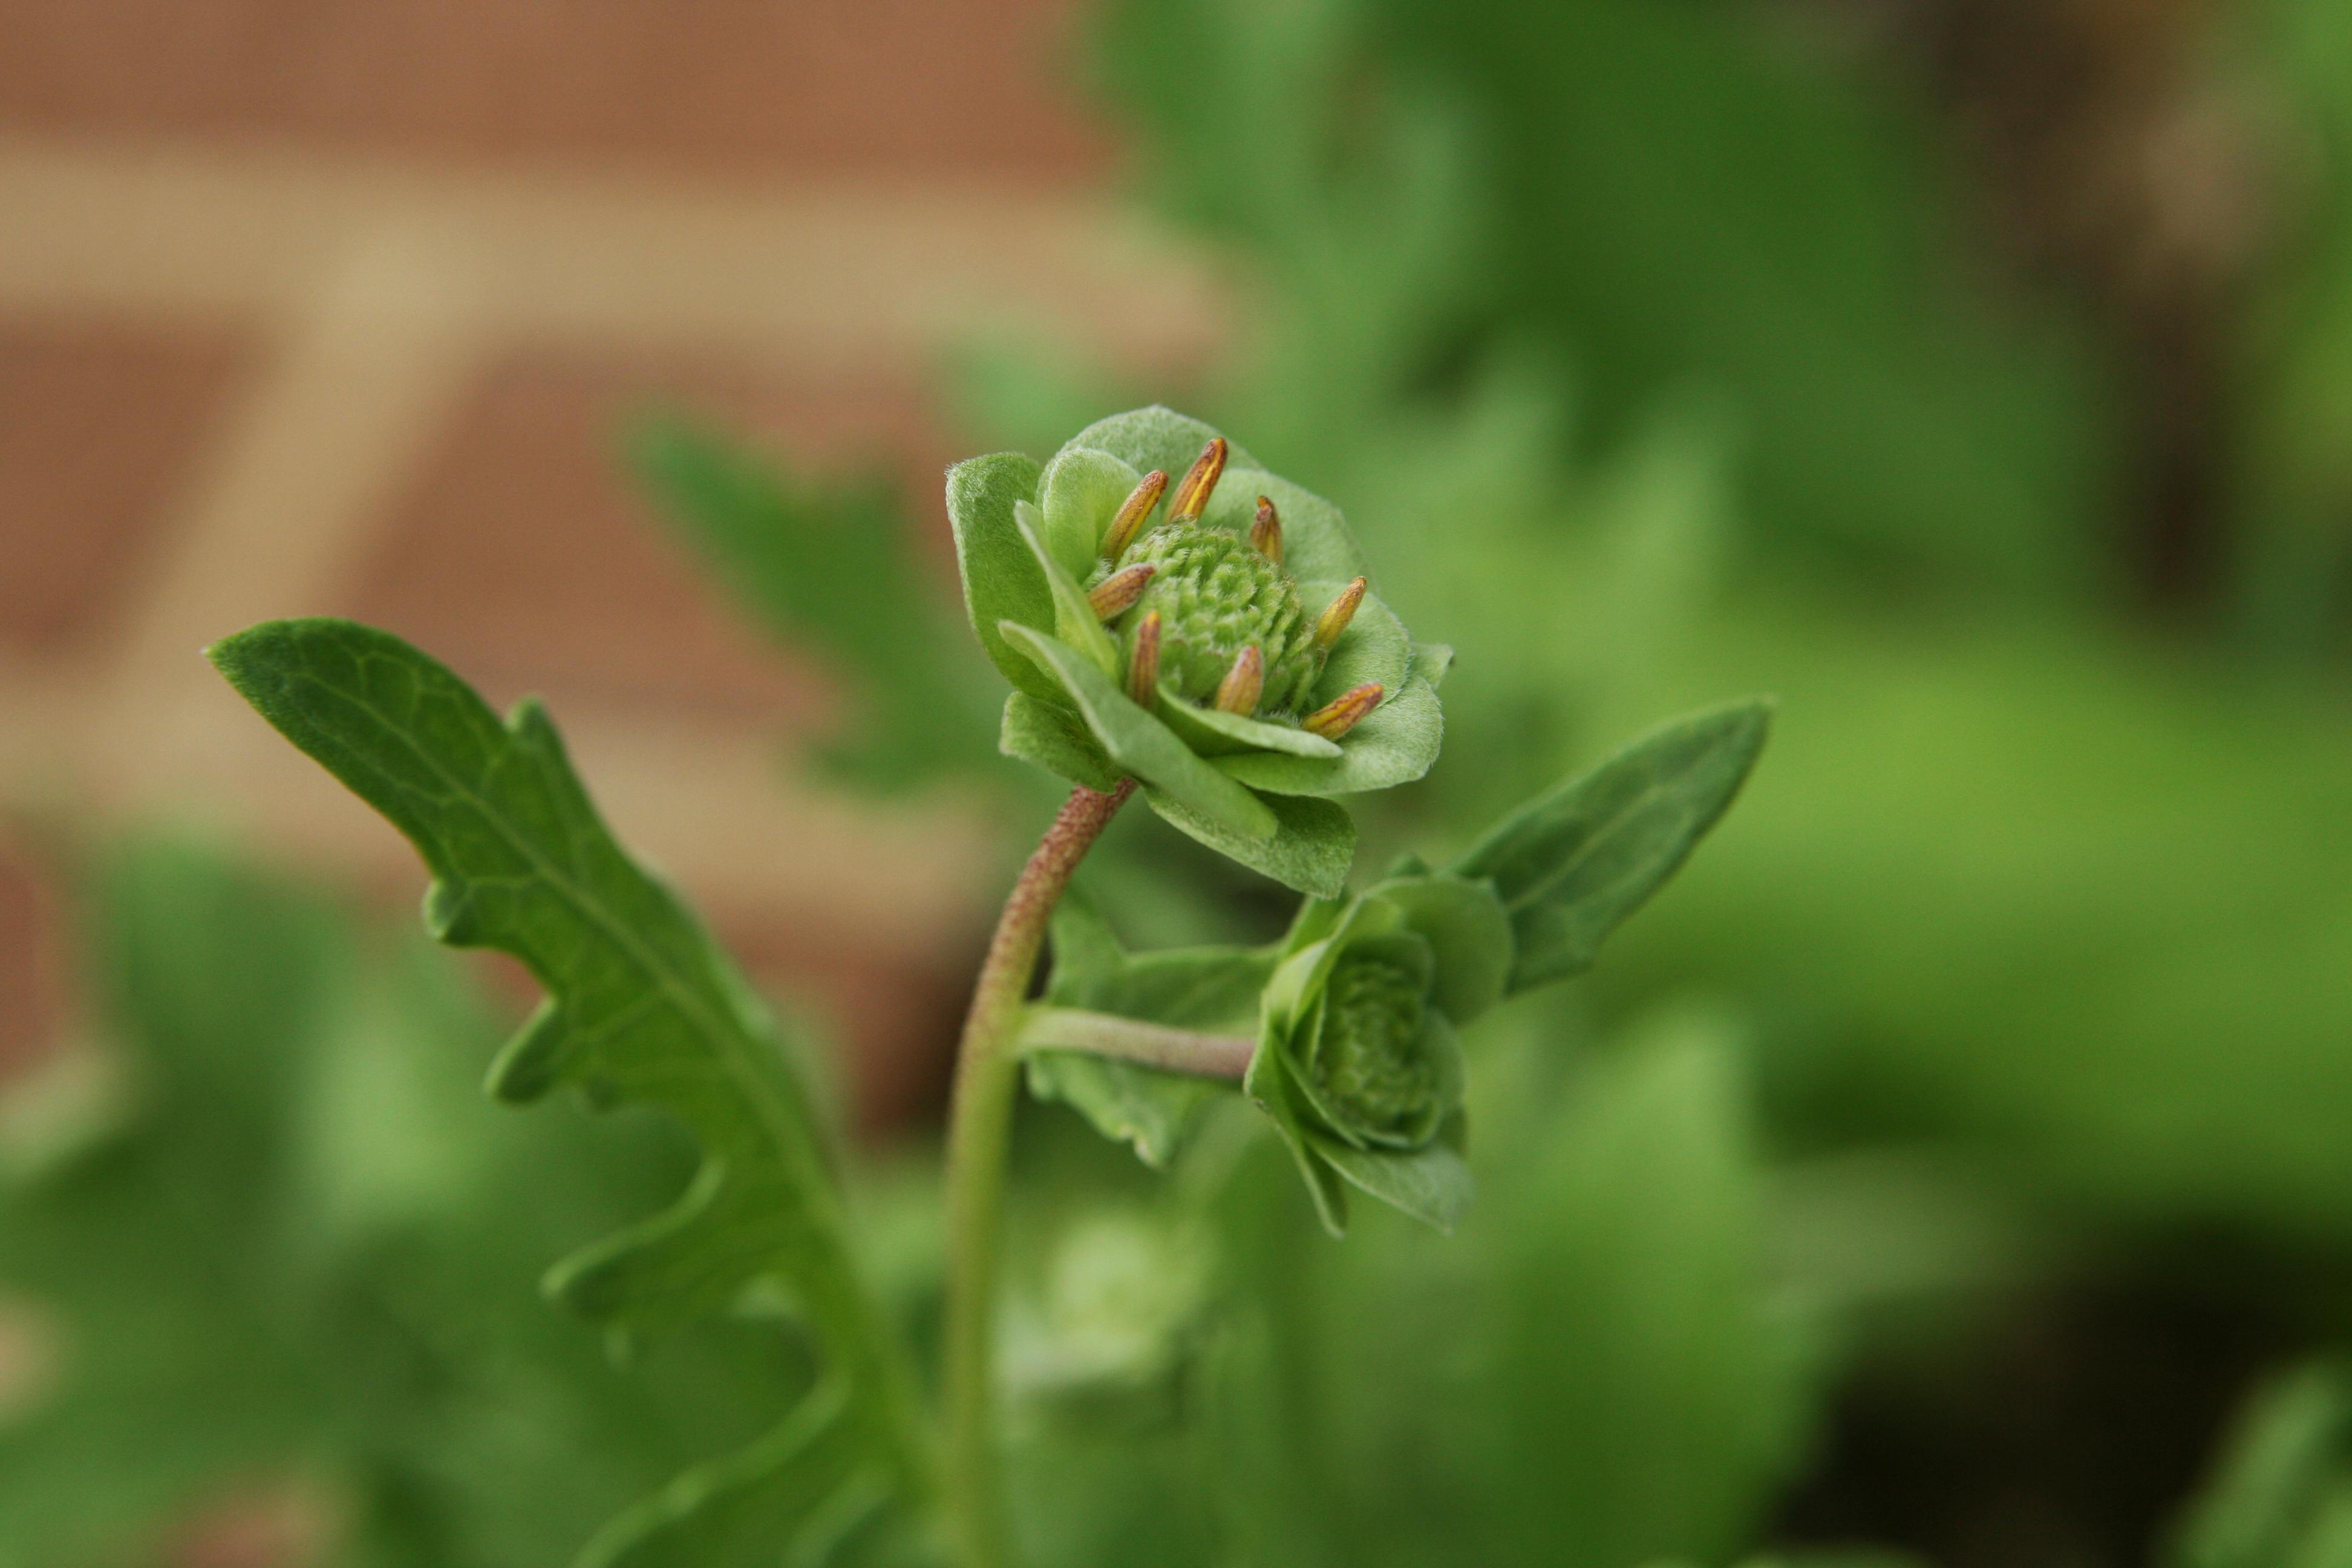 Image of lyreleaf greeneyes